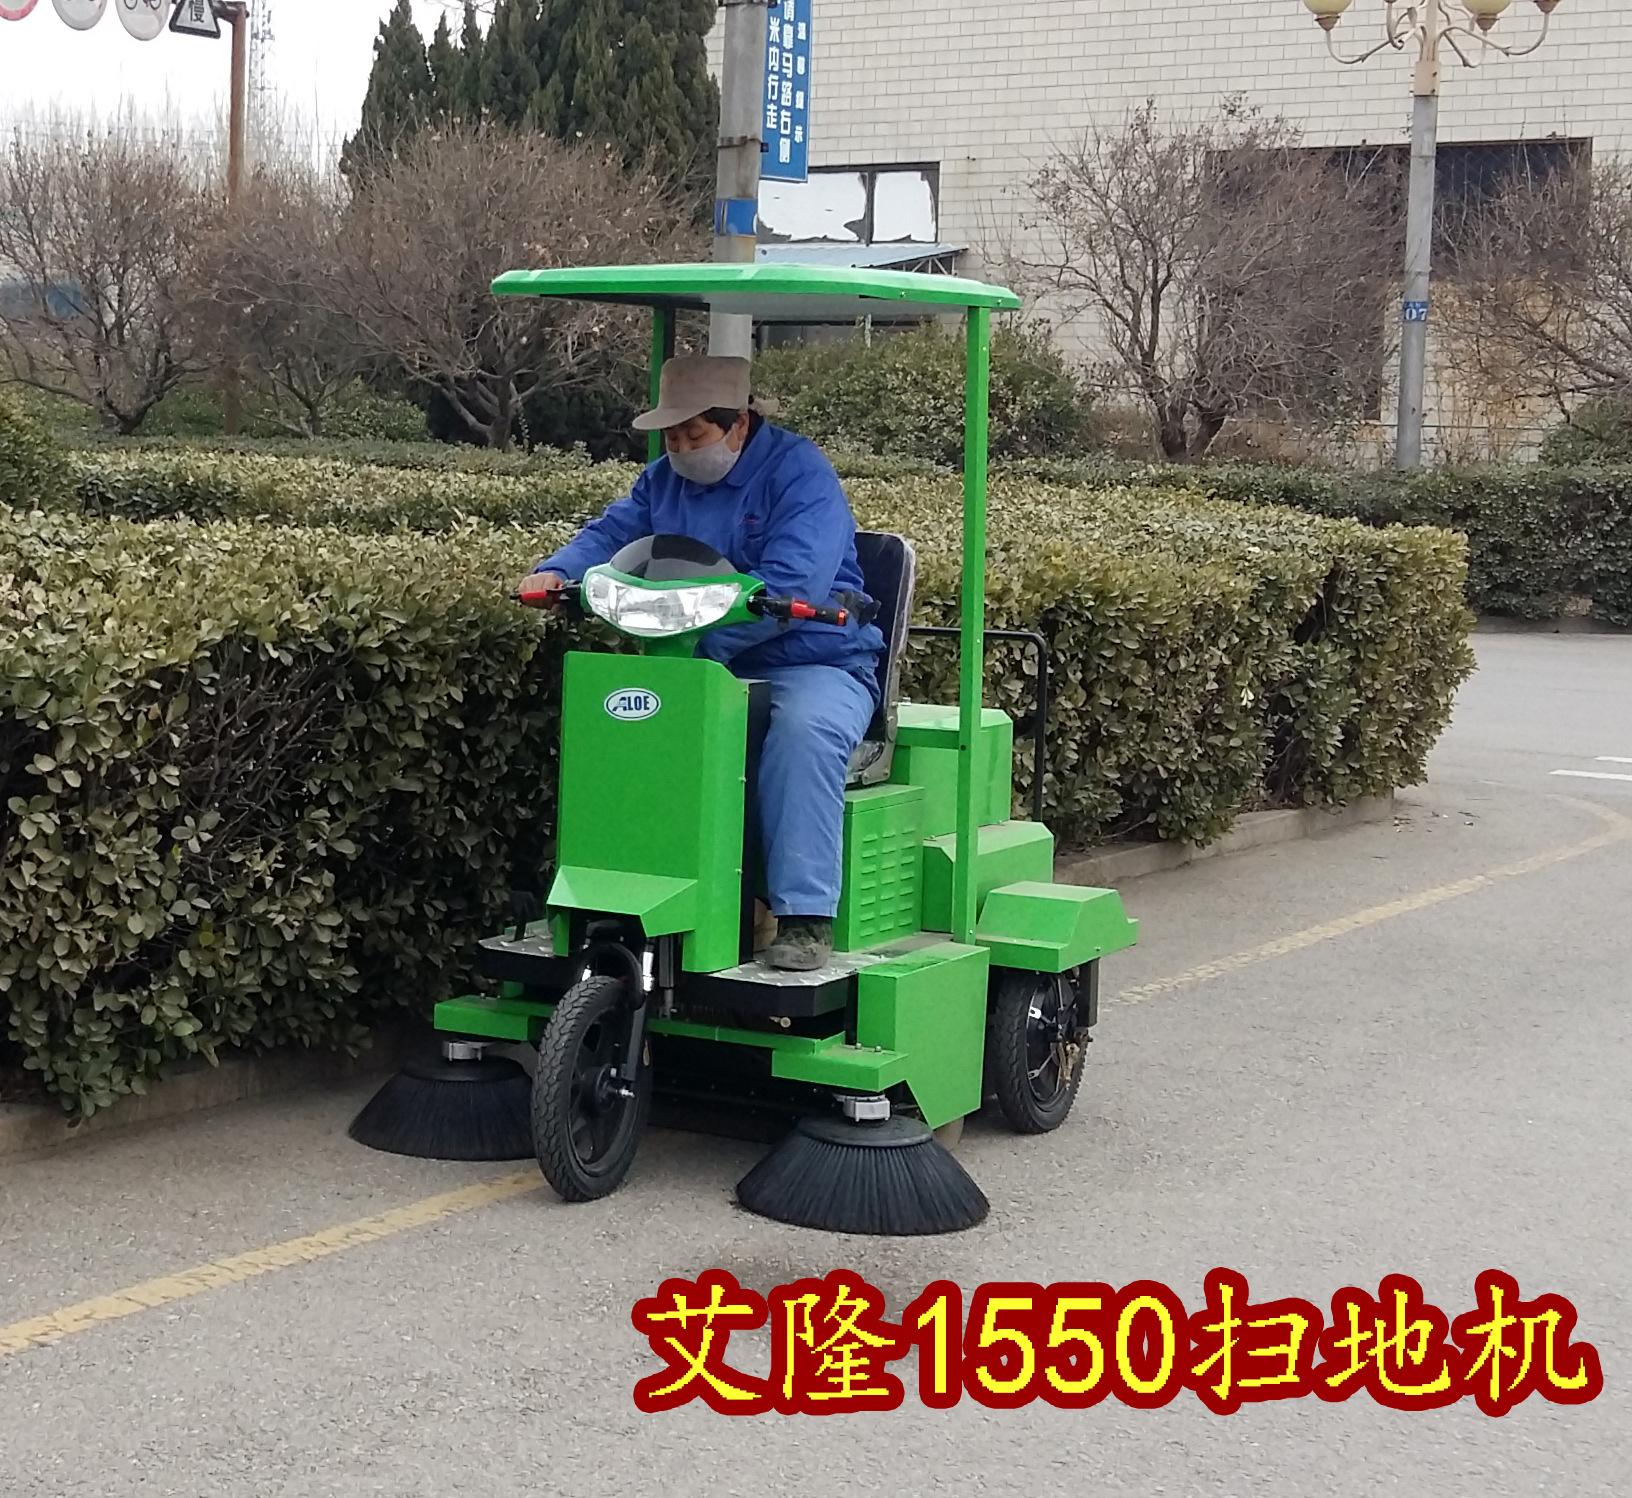 工业电动扫地机,艾隆三轮车扫地机